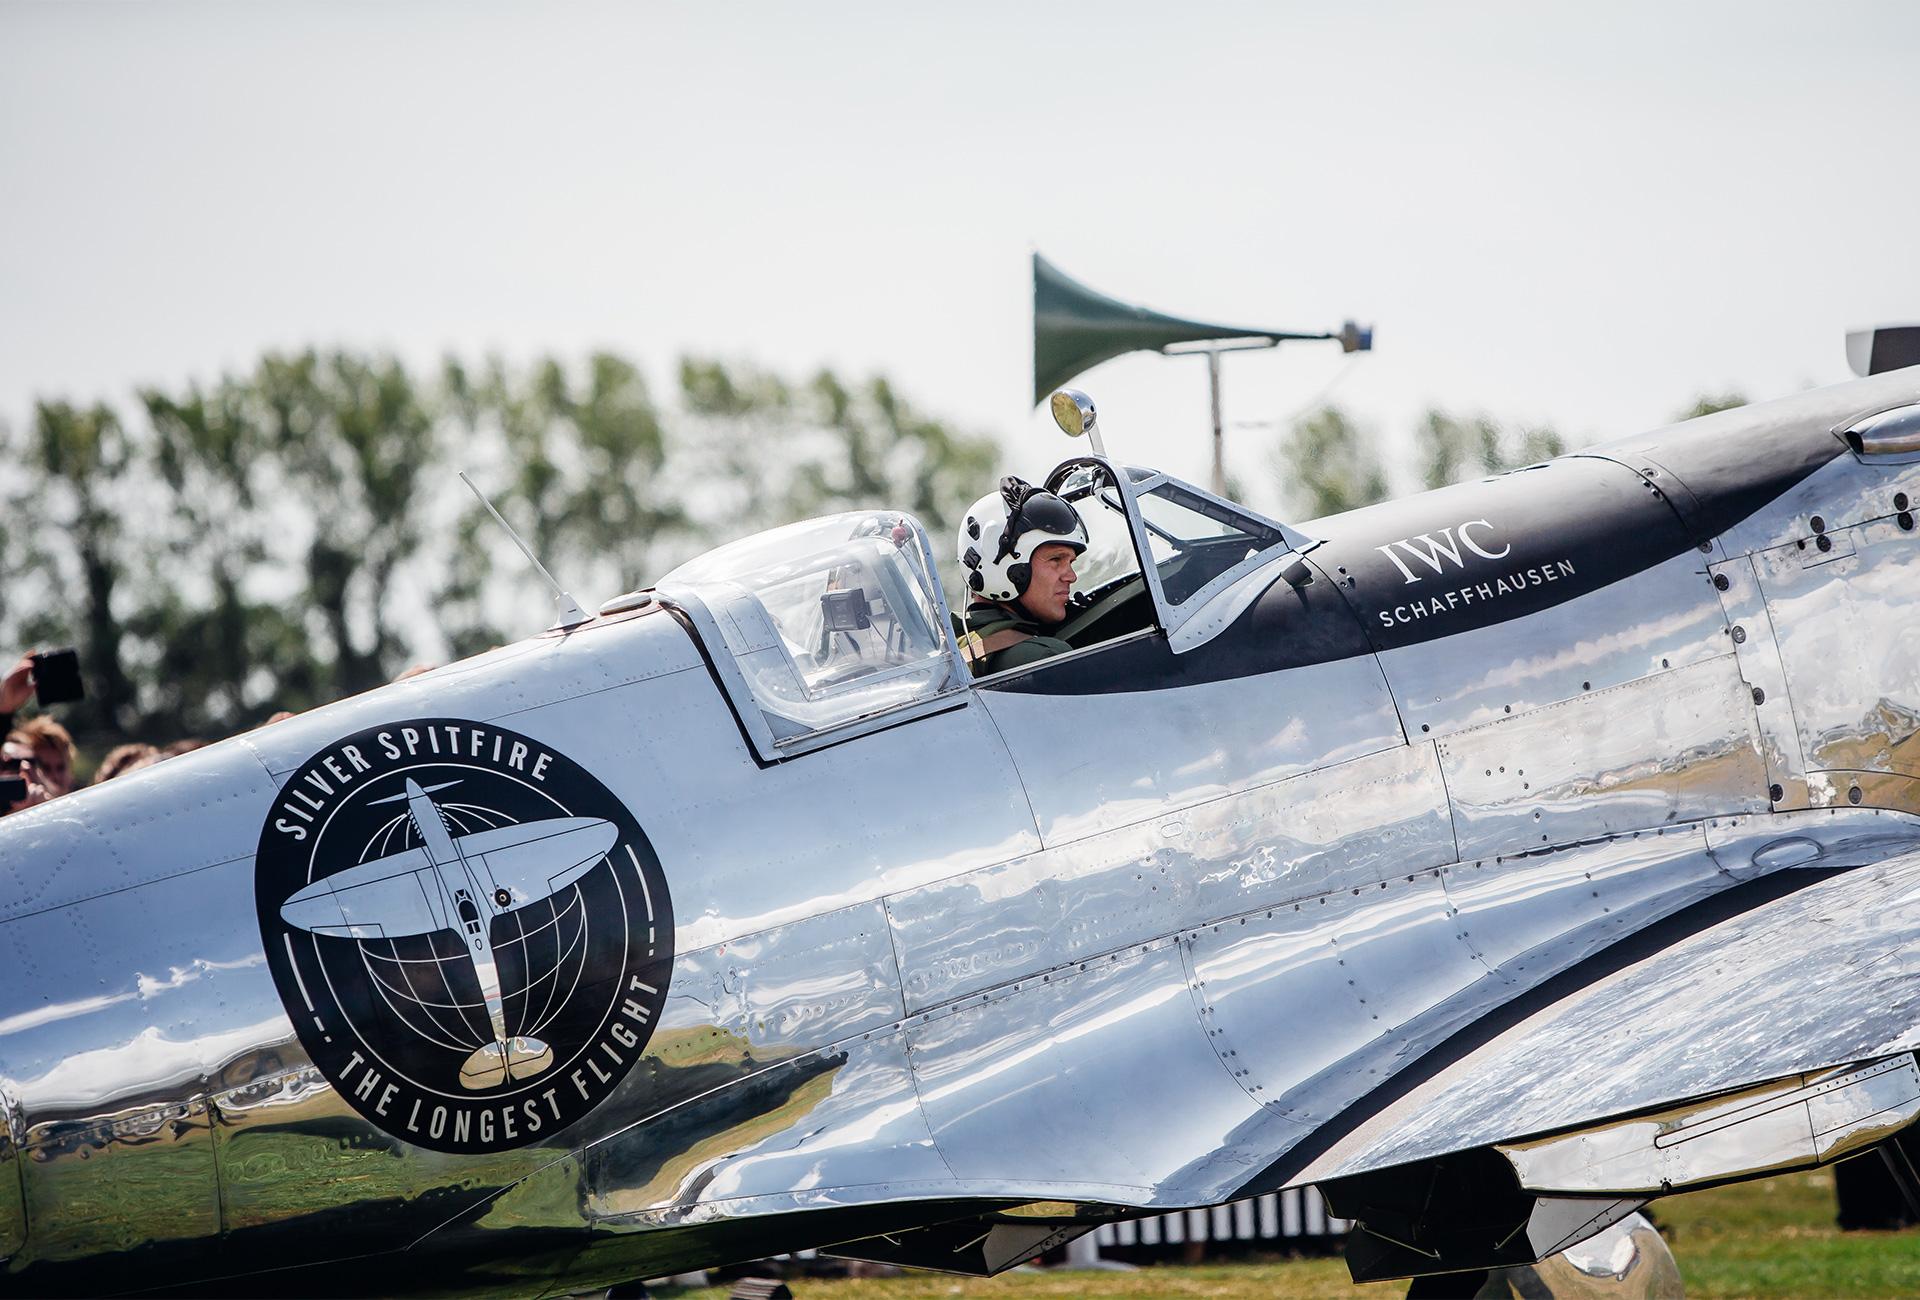 Silver Spitfire MJ271 the longest flight IWC - 2